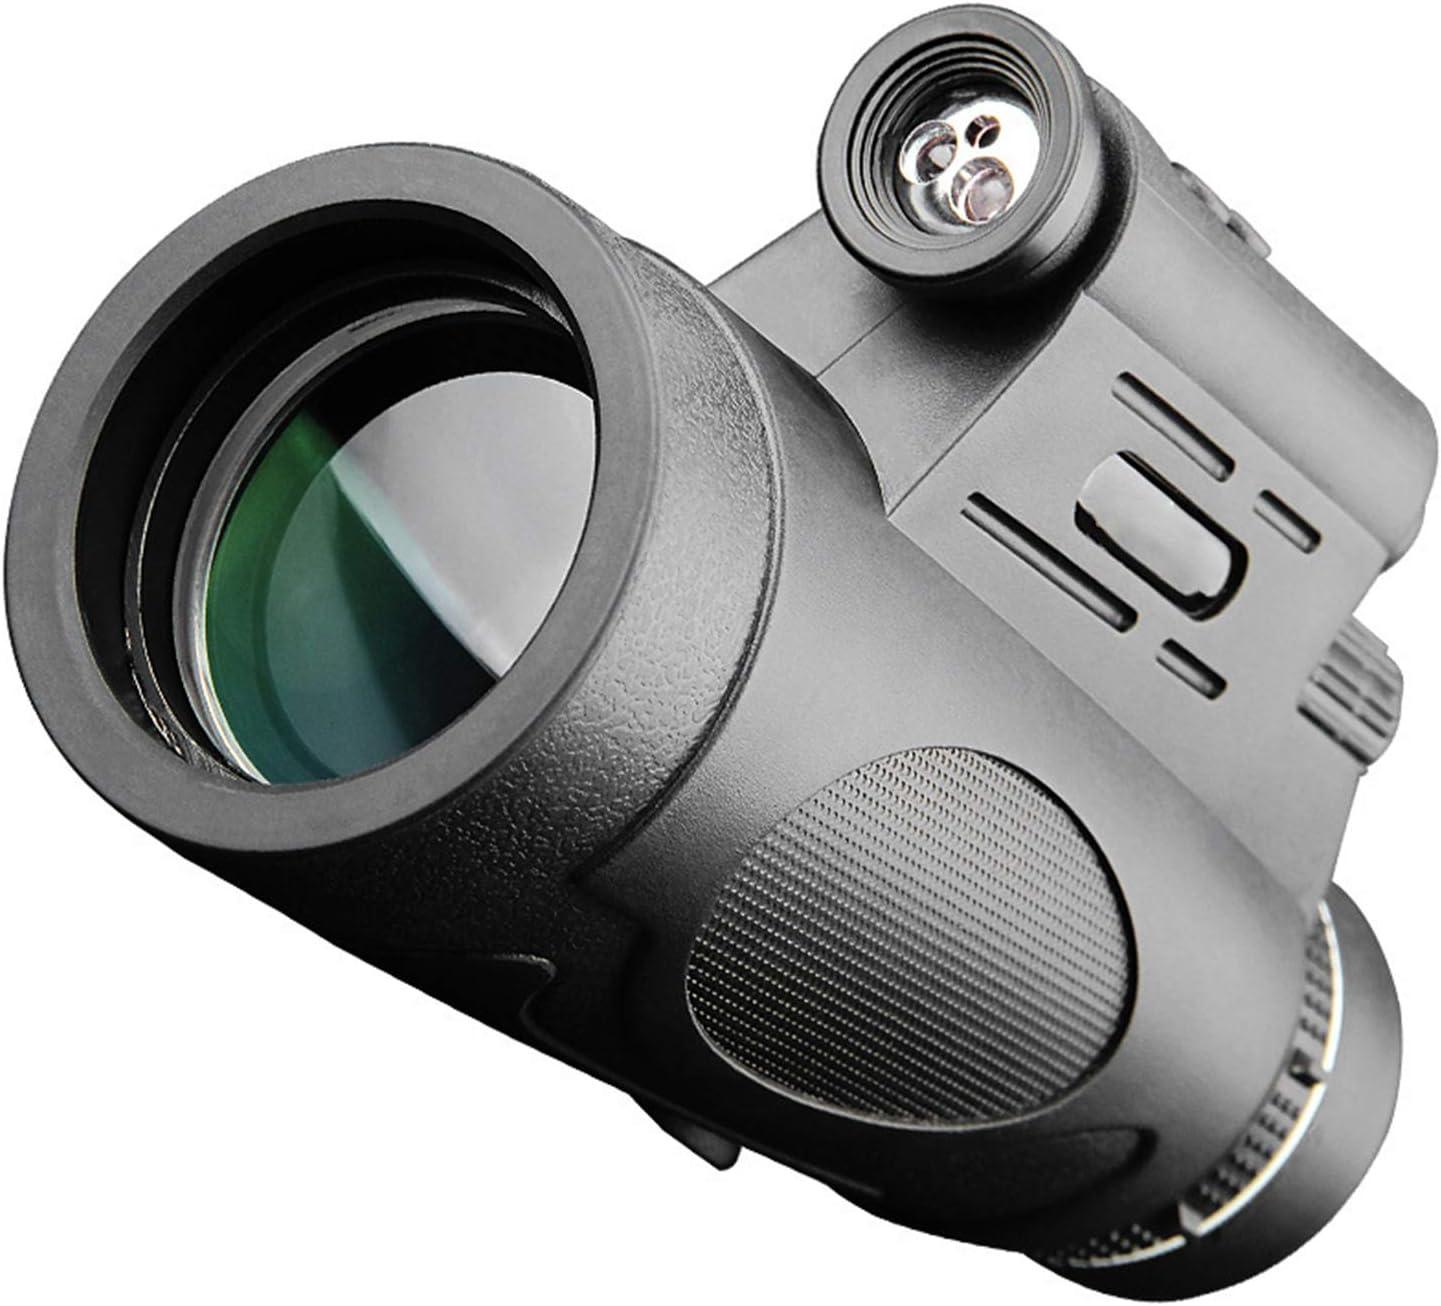 ALLWIN Telescopio Monocular 12X50,Visor Monocular HD BAK4 con Soporte para Smartphone Y Trípode para Observación del Terreno La Vida Silvestre/Observación De Aves/Turismo,Visión Diurna Nocturna Baja